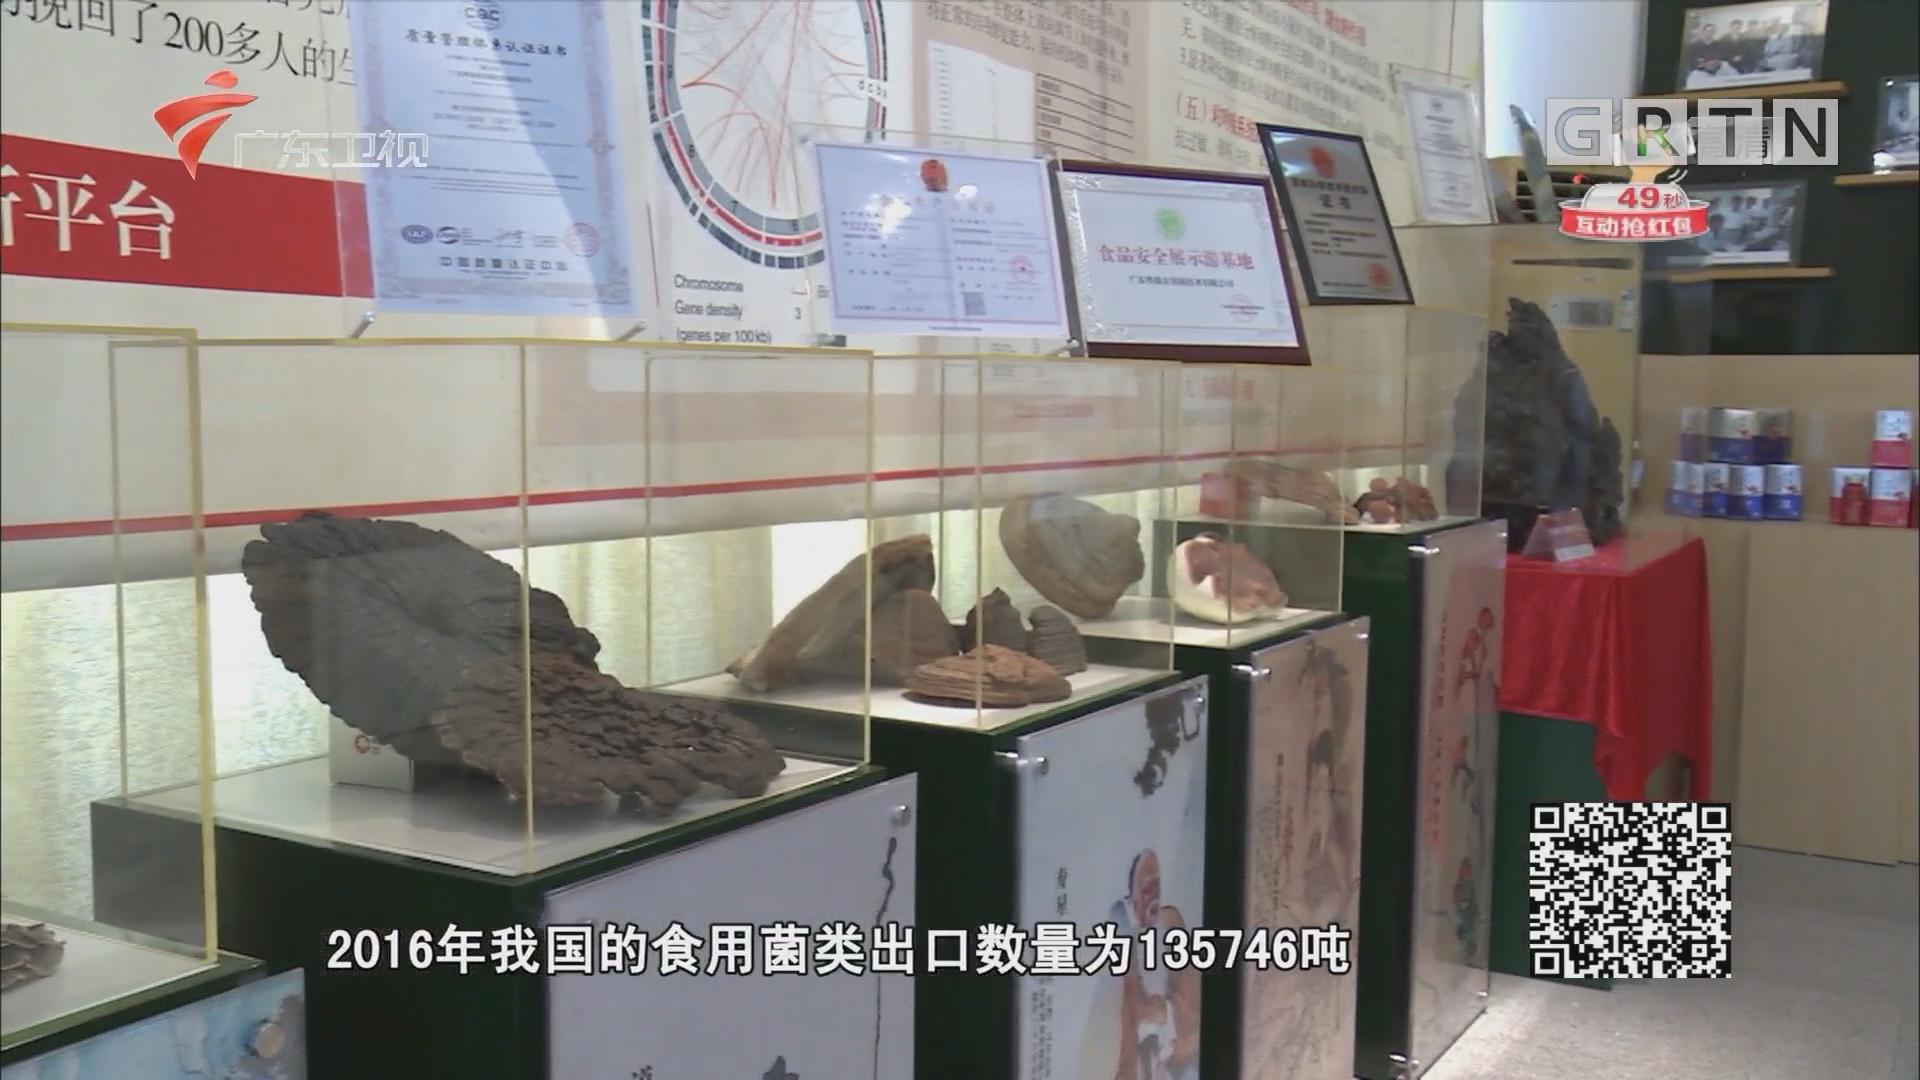 粤微菇品礼盒 广东卫视淘宝商城等你选购